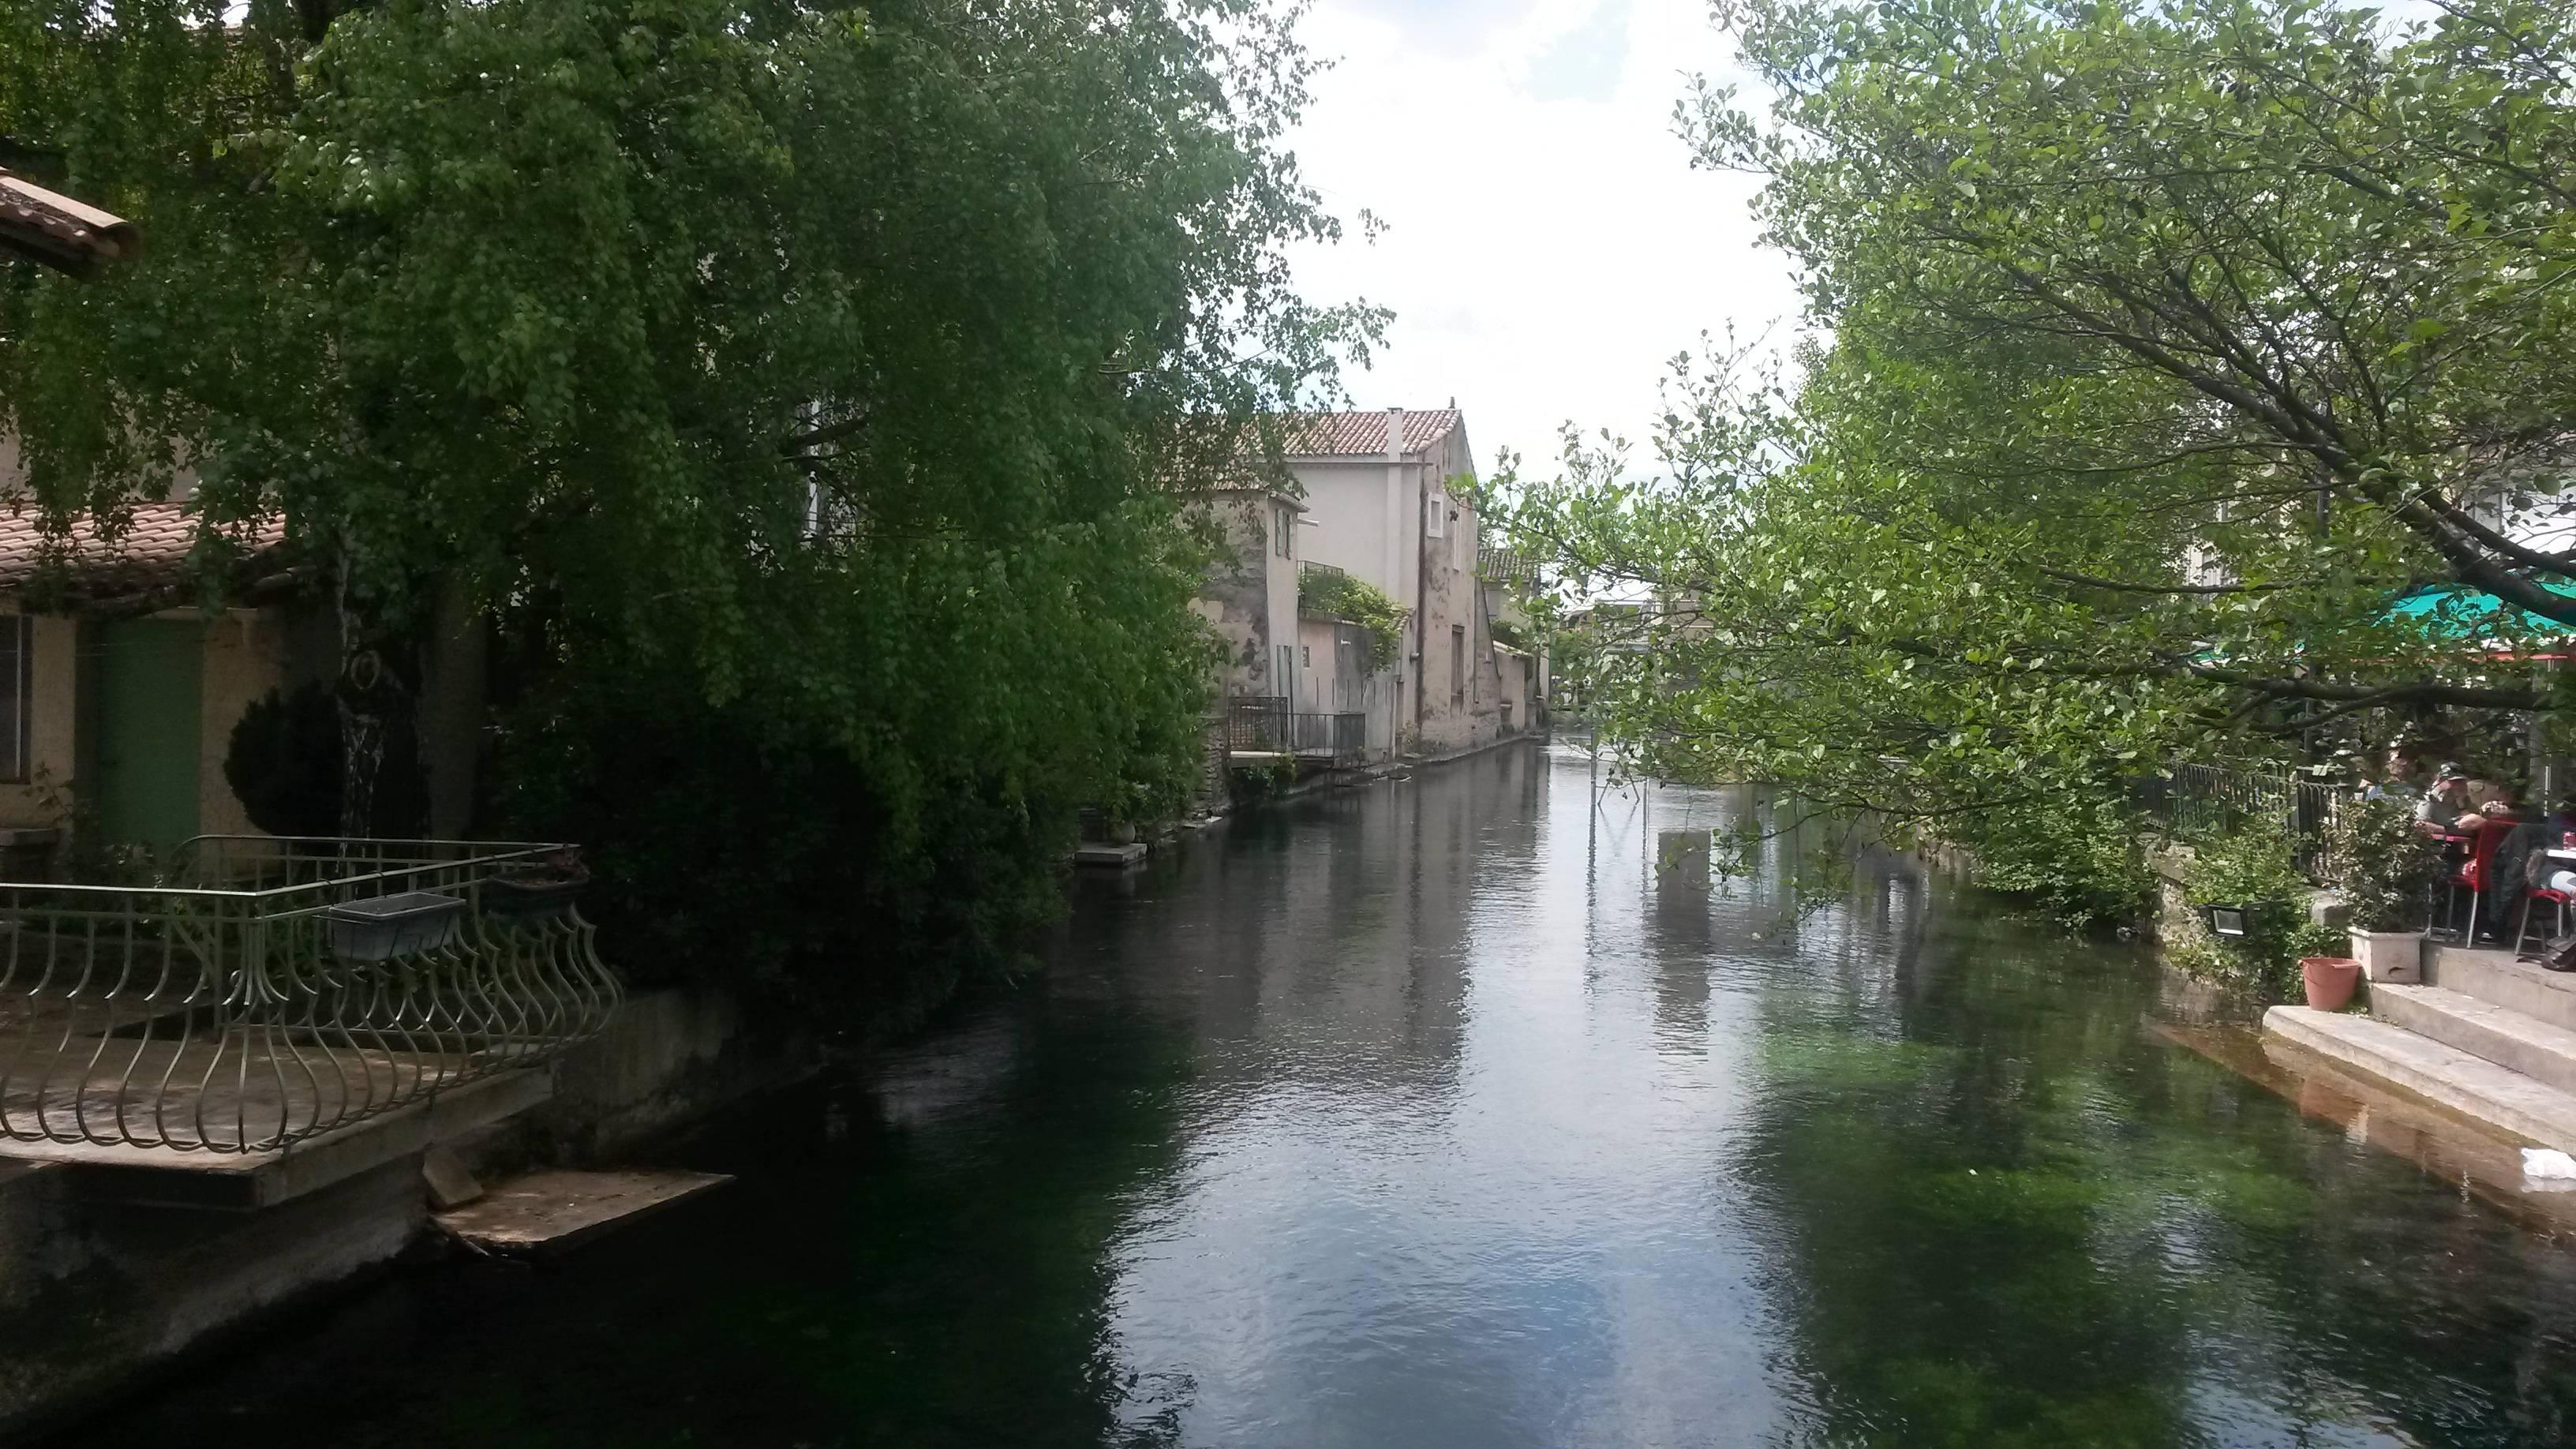 Photo 3: Déjeuner sur un pont à L'Isle-sur-sorgue